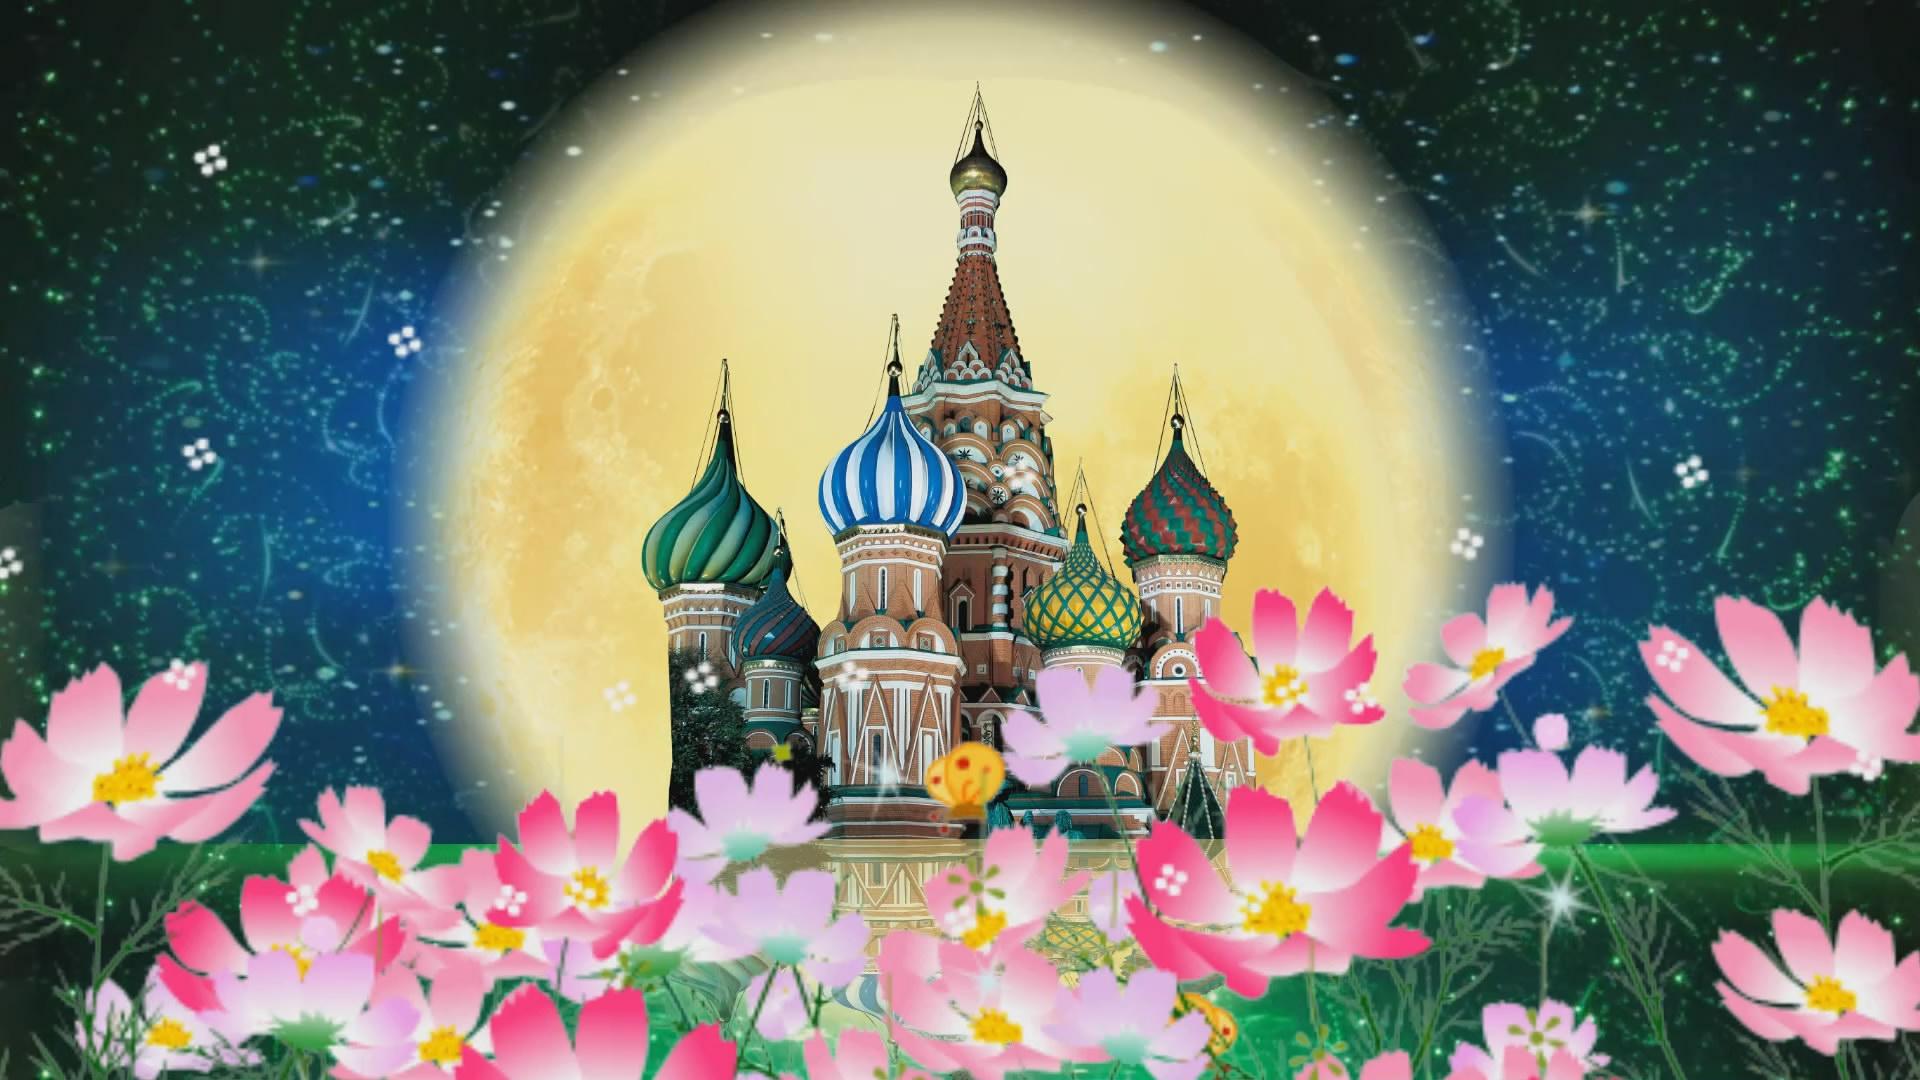 配乐歌舞 莫斯科郊外的晚上